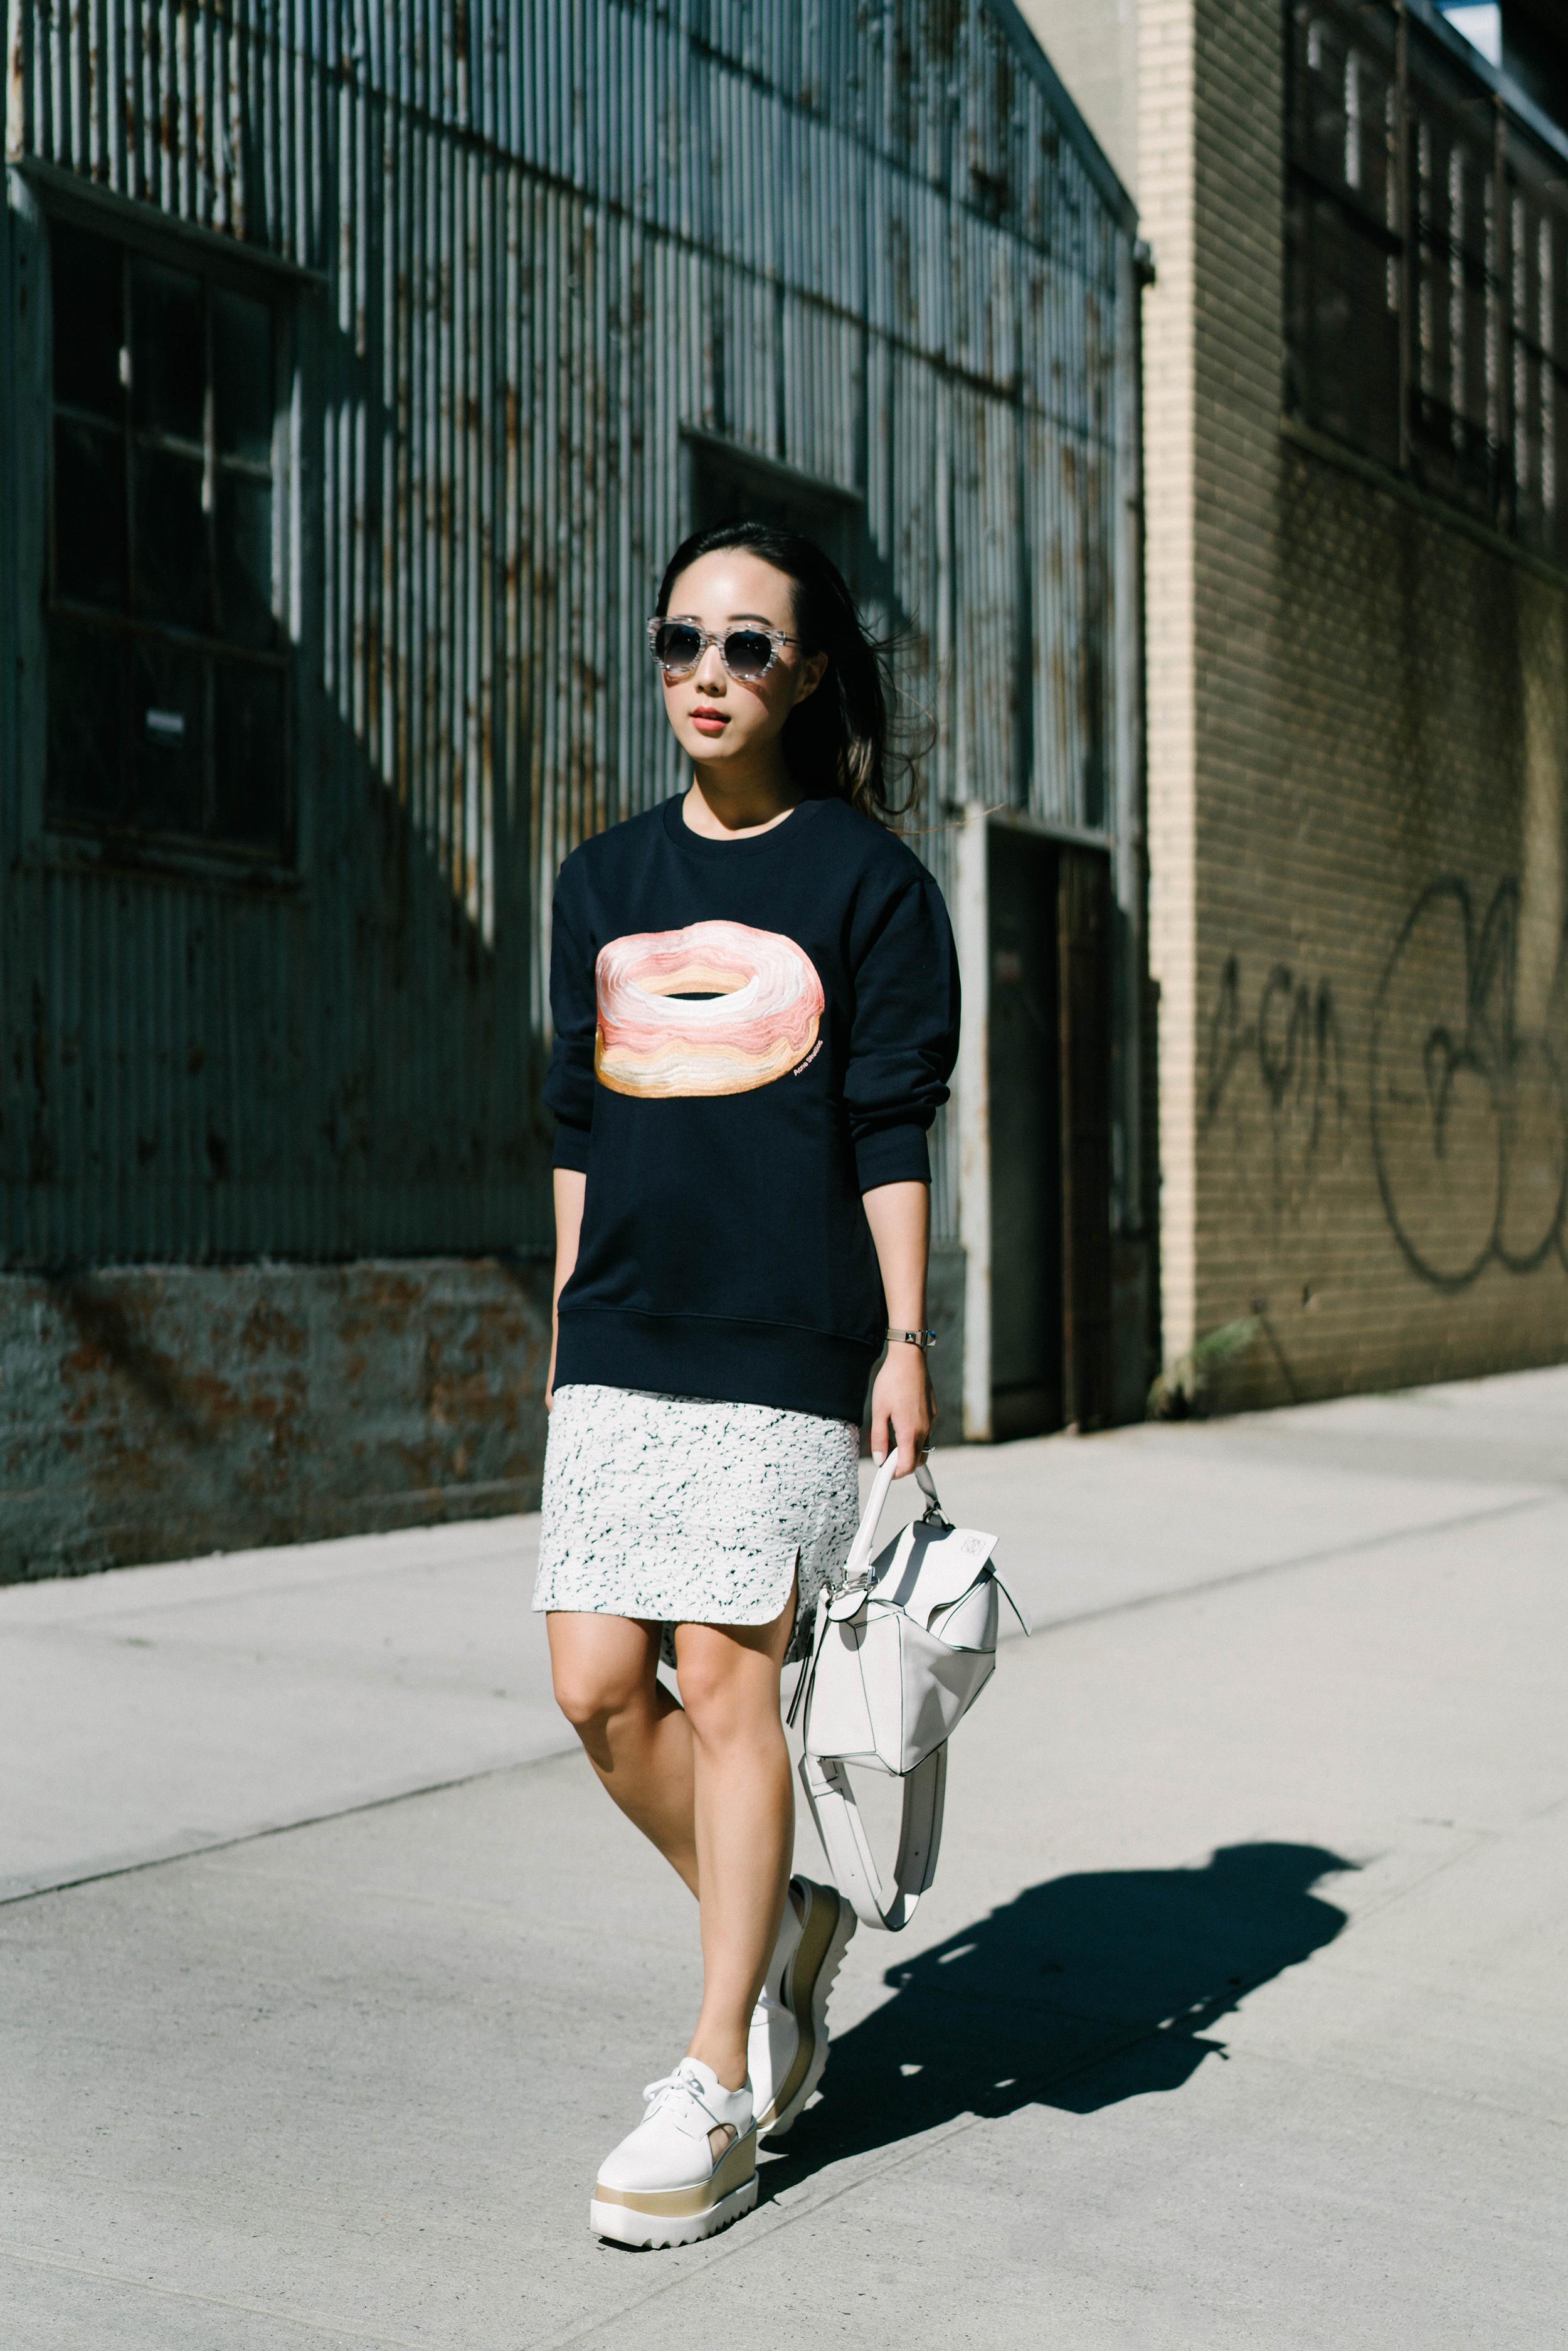 Acne Studios Top , COS Skirt, Stella McCartney Shoes,  Loewe Bag , Thierry Lasry Sunglasses, Hermes Watch